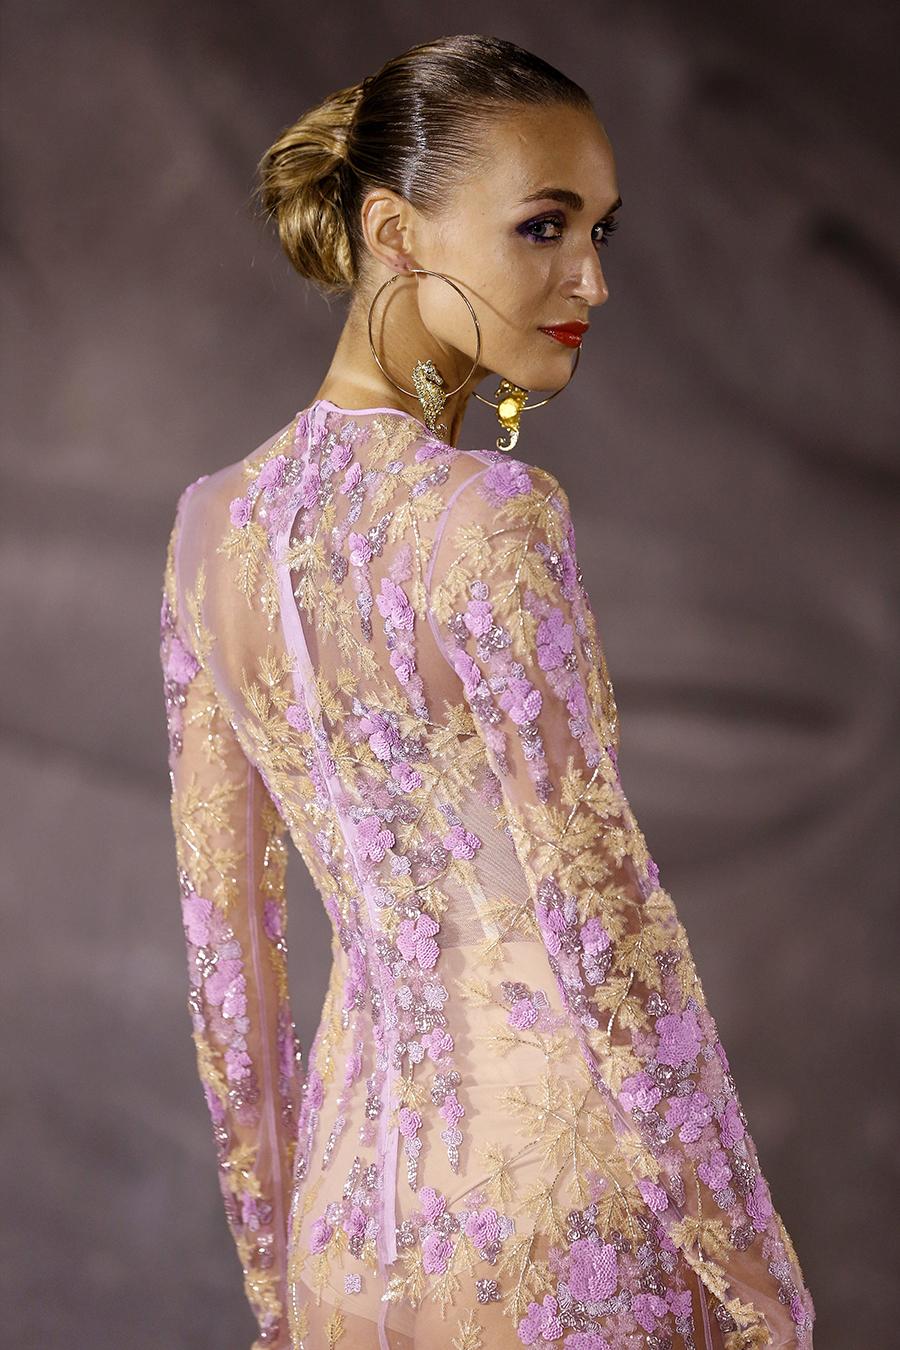 модное плвтье с цветочным принтом в цветах с вышивкой розовый сиреневый лиловый сетка с рукавом лето 2020